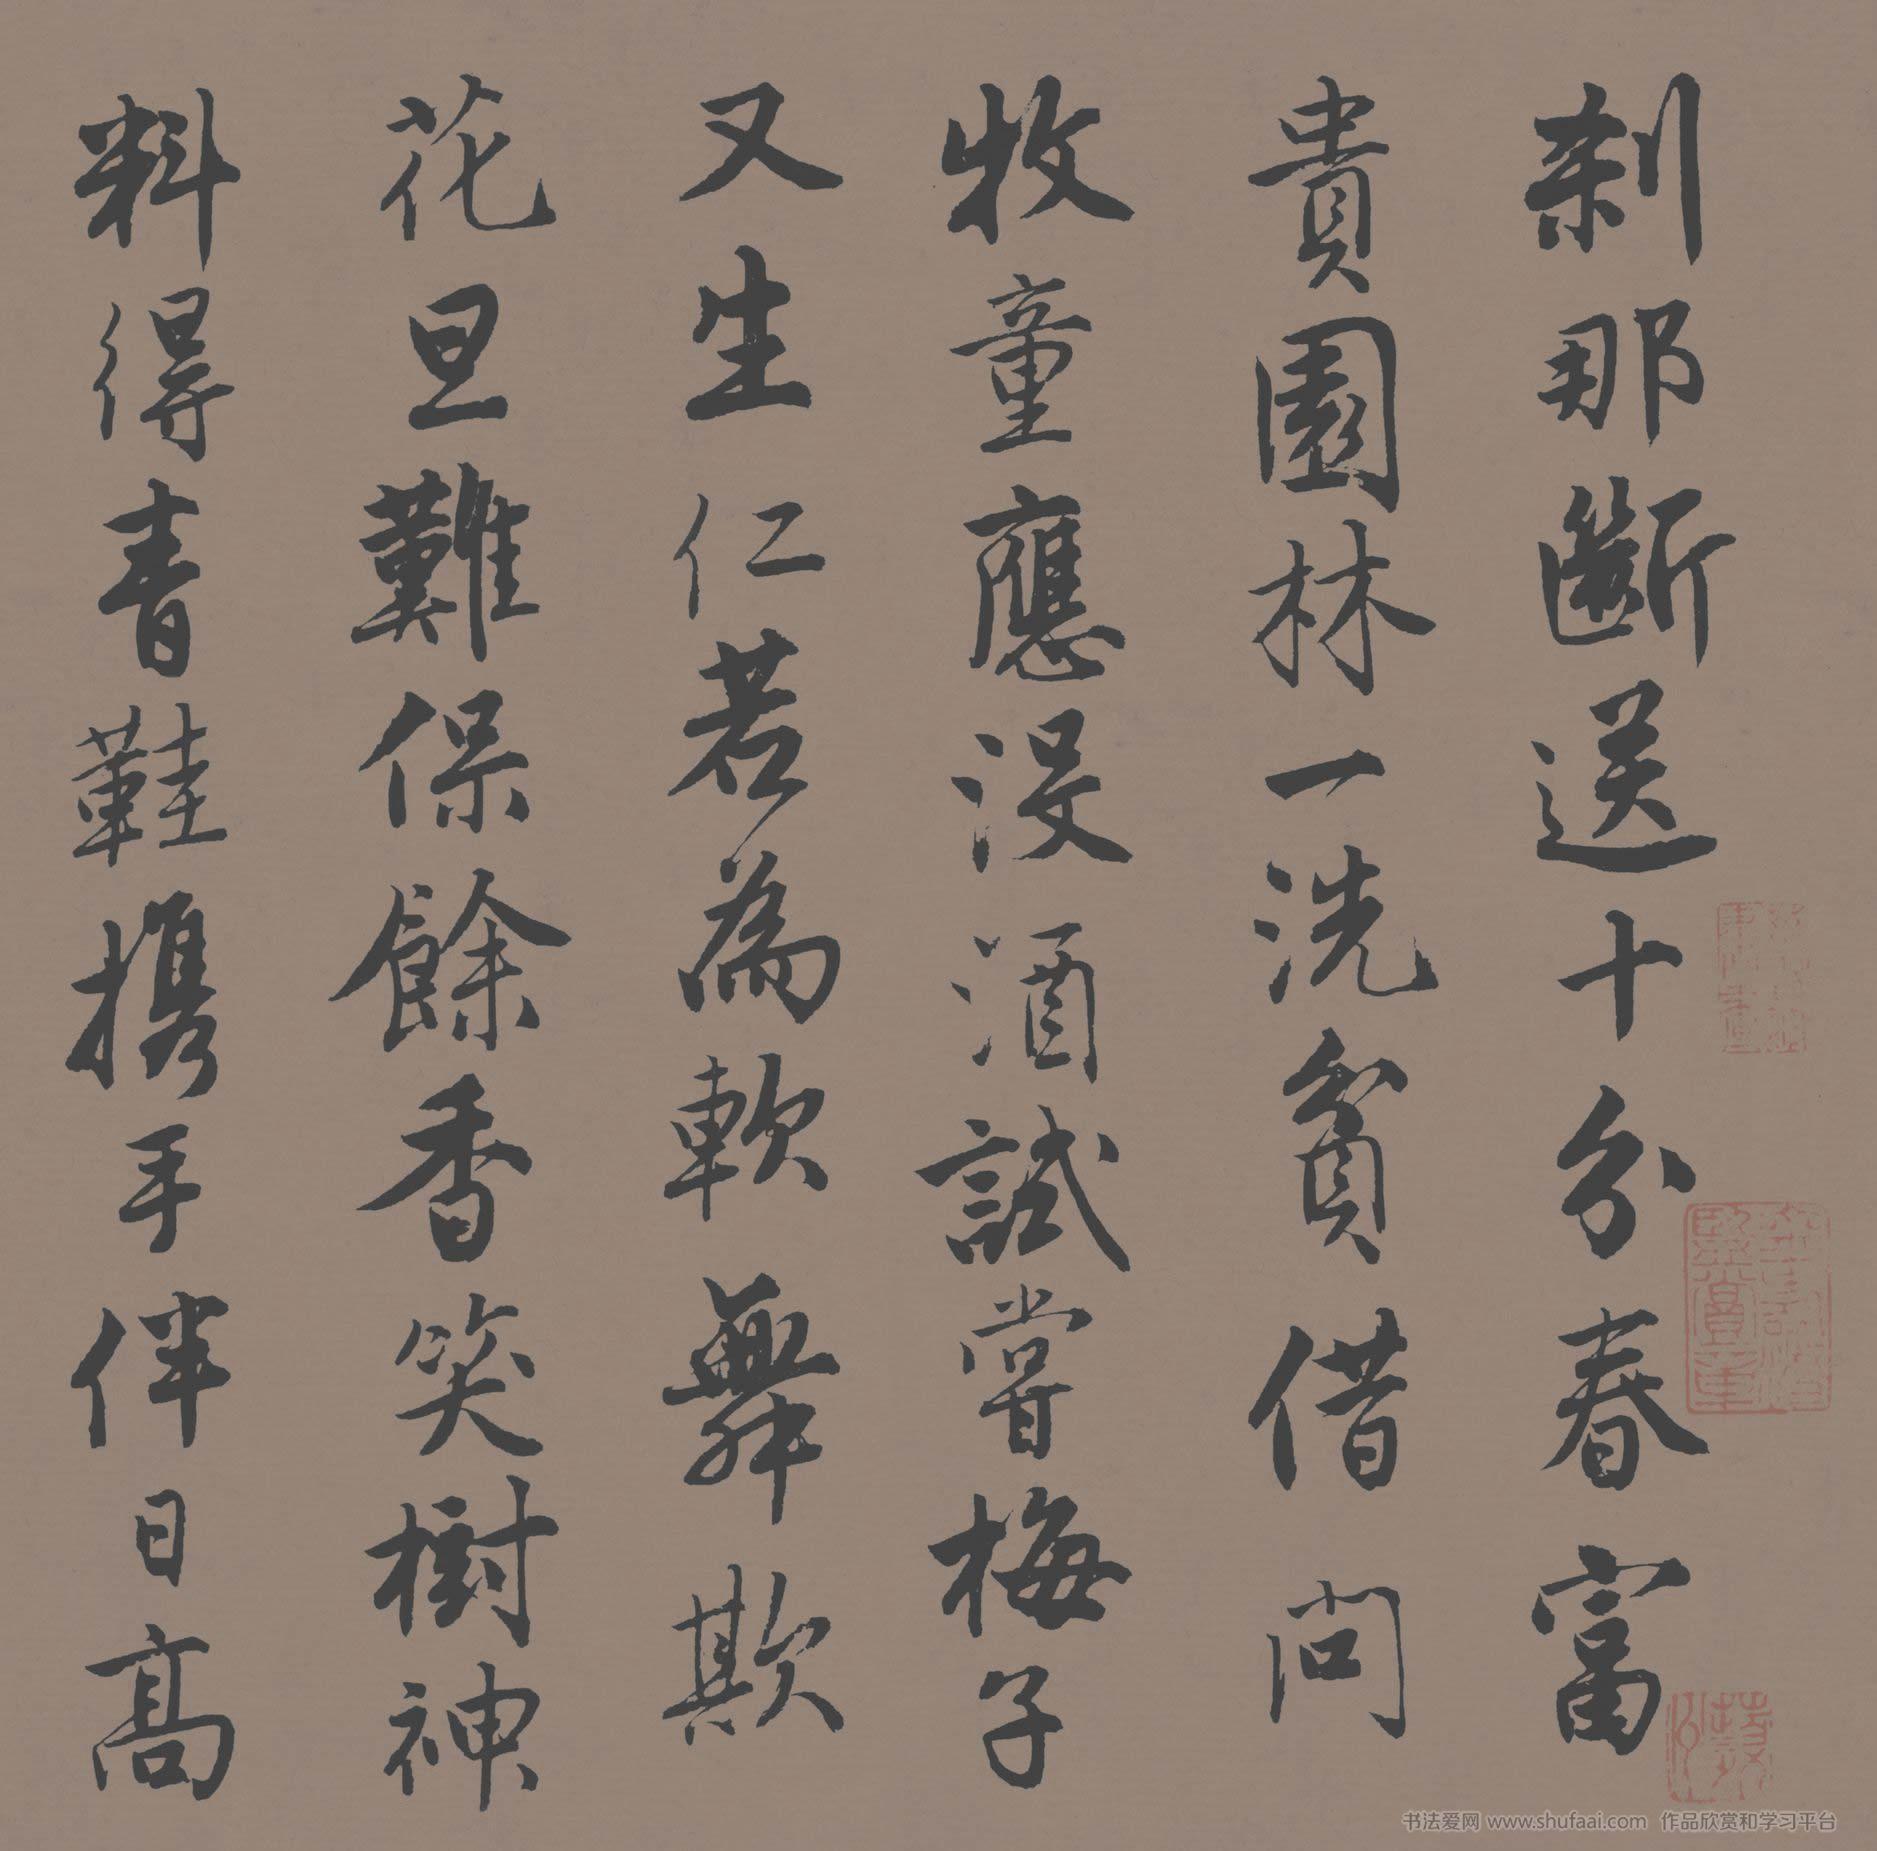 唐寅行书书法《落花诗》墨迹高清(苏州博物馆藏)